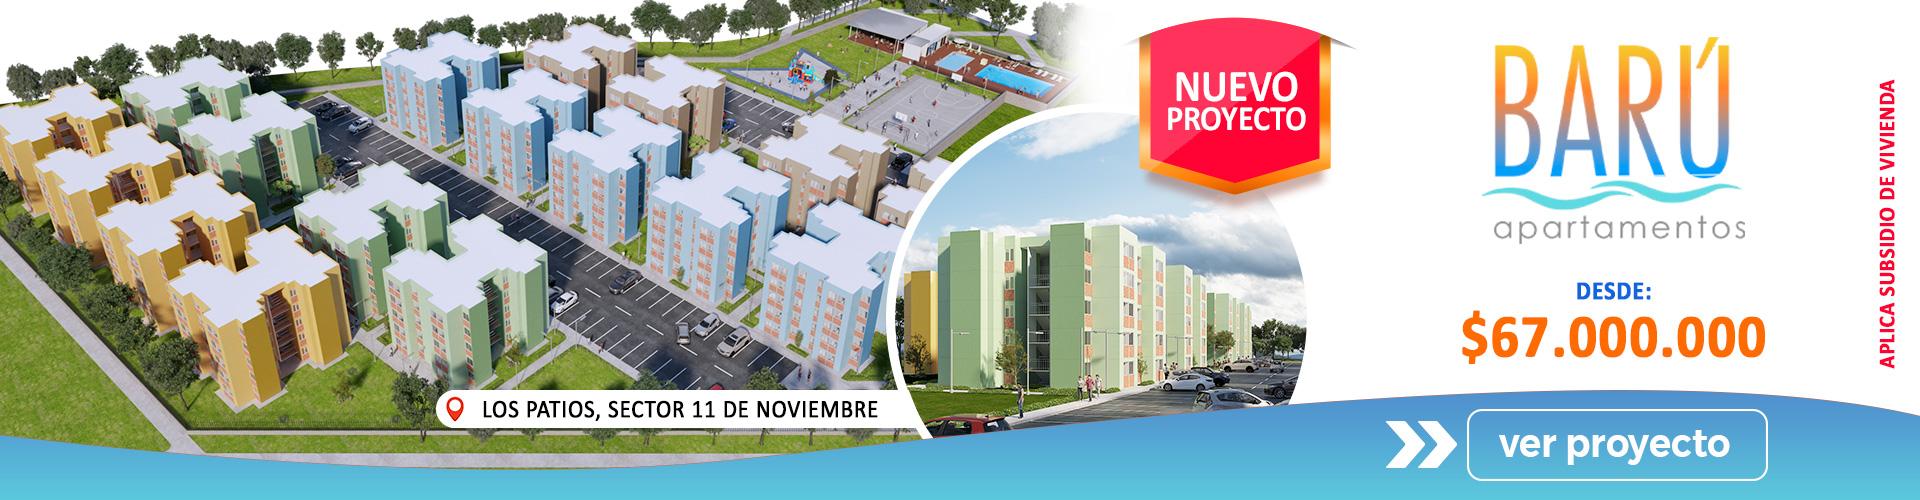 Monape Baru Apartamentos Cucuta Constructora